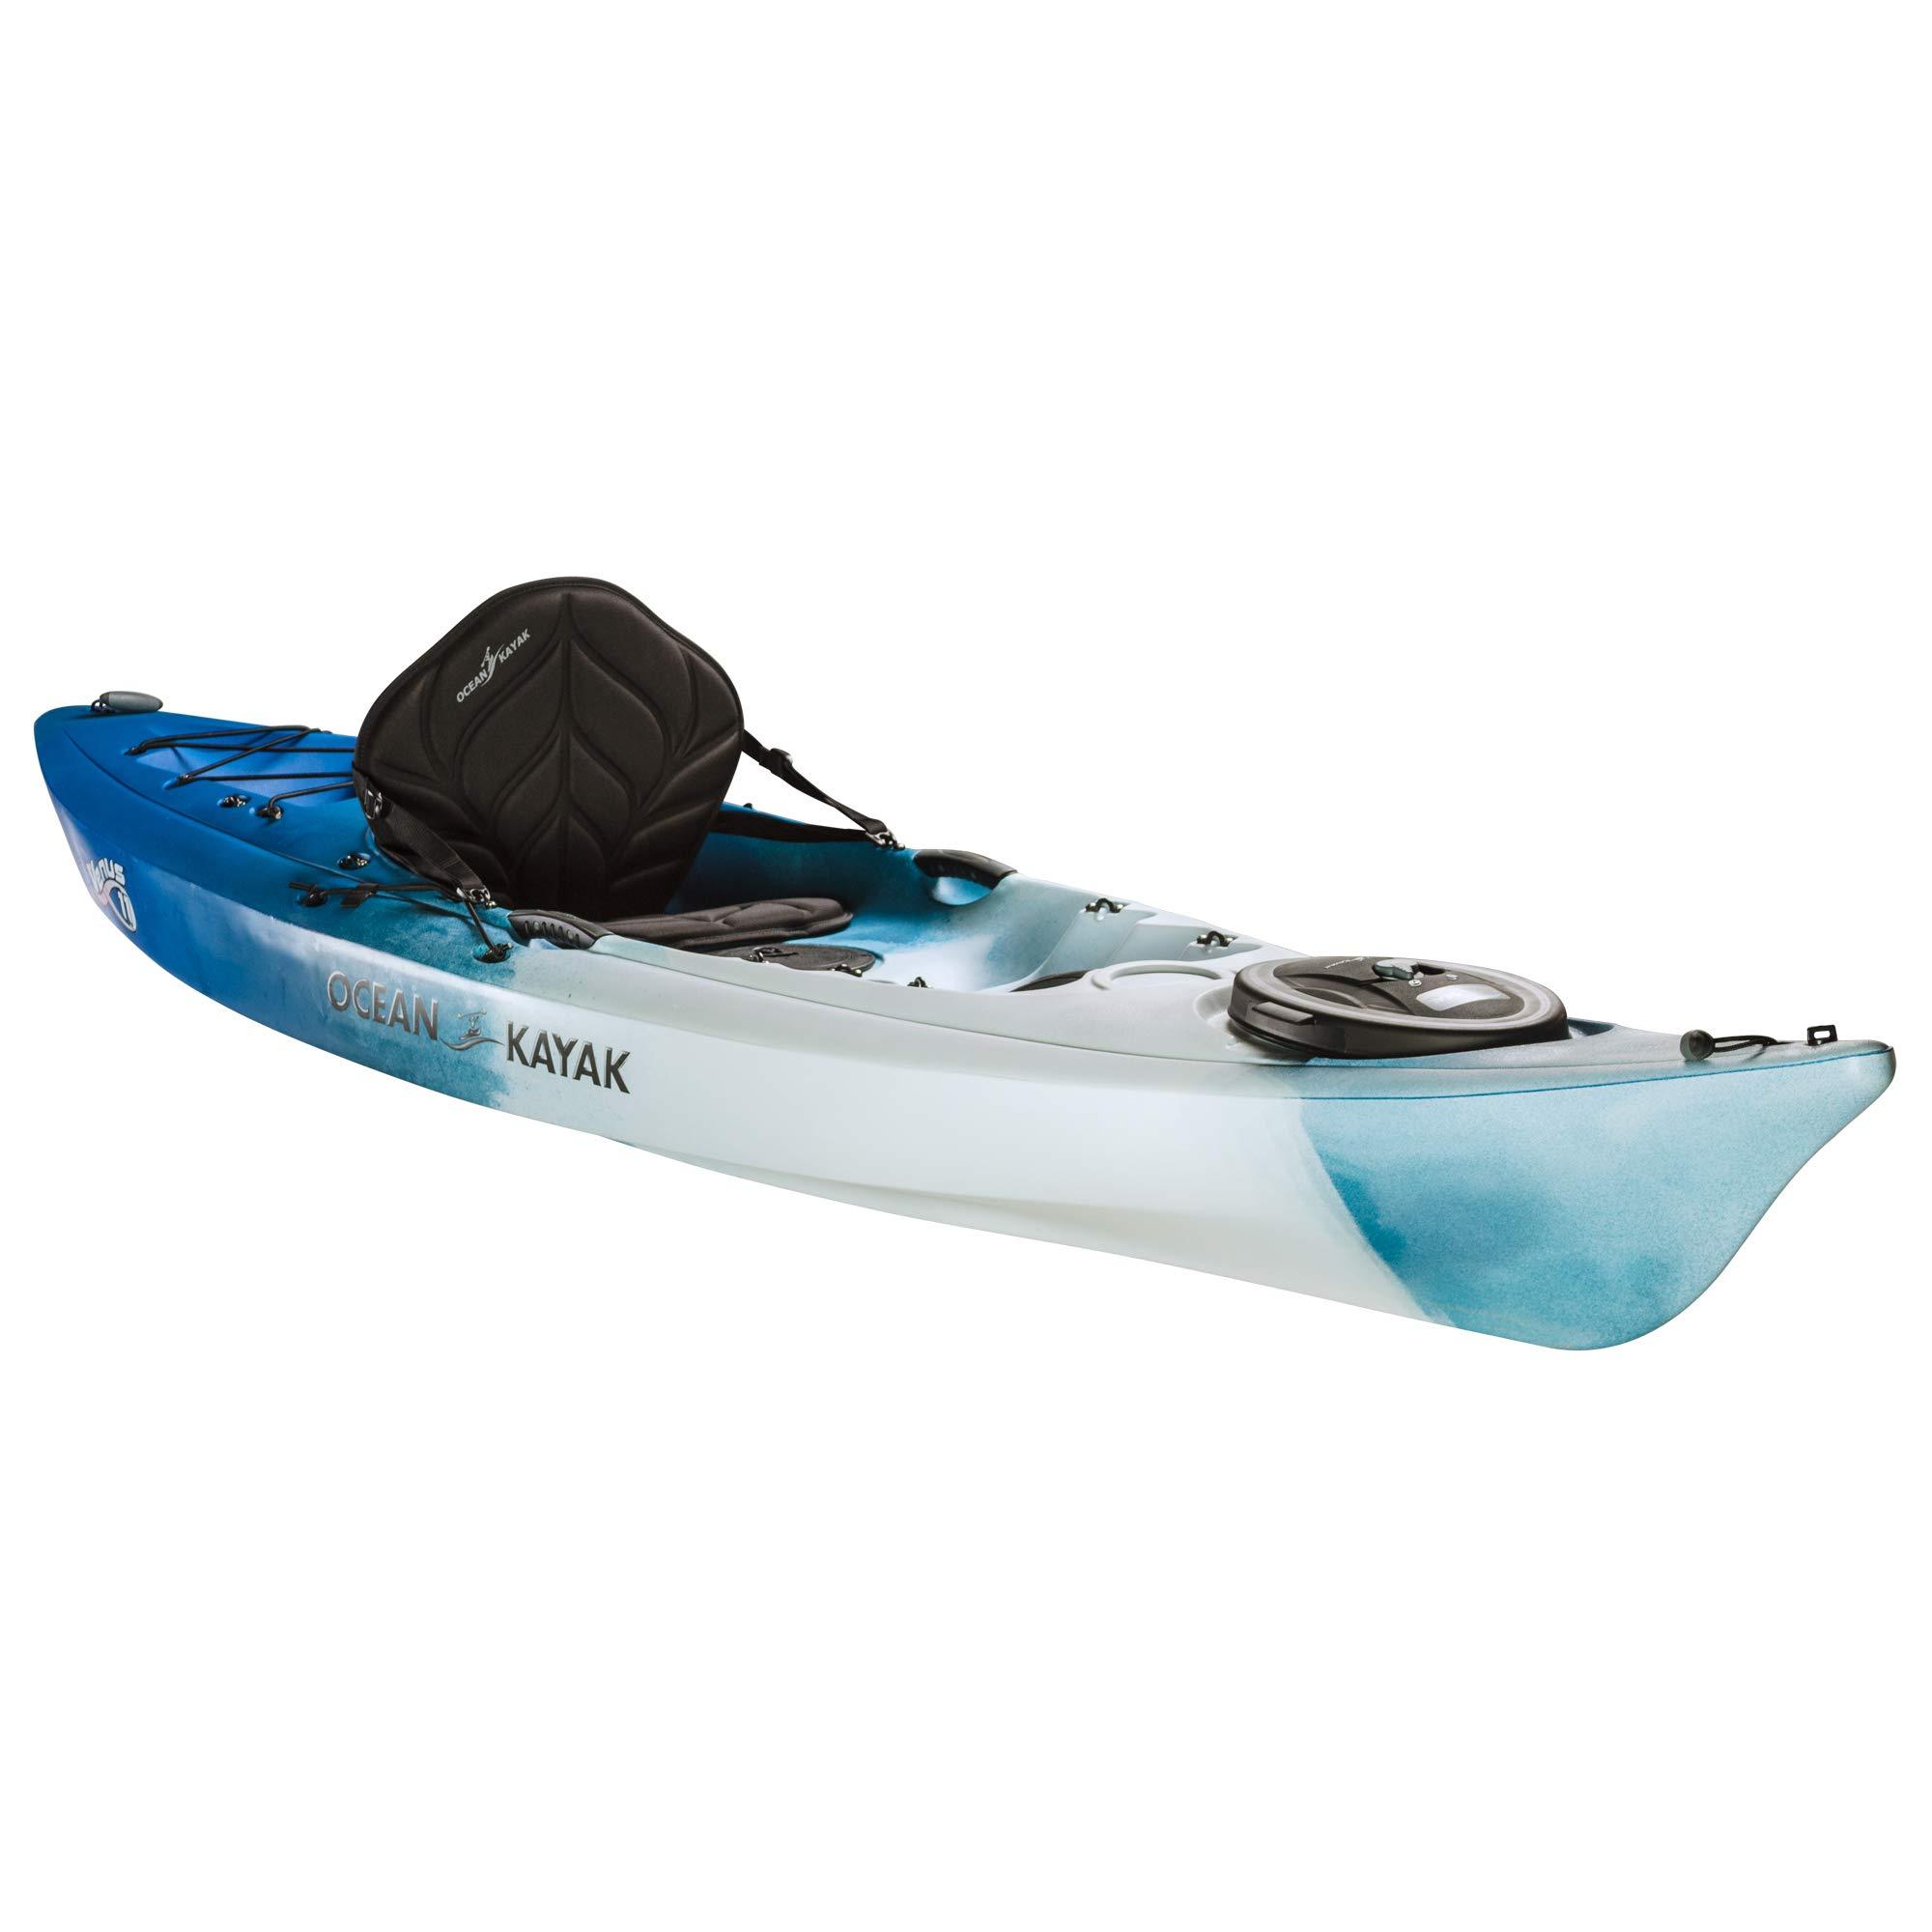 Ocean Kayak Venus 11 One-Person Women's Sit-On-Top Kayak, Surf, 10 Feet 8 Inches by Ocean Kayak